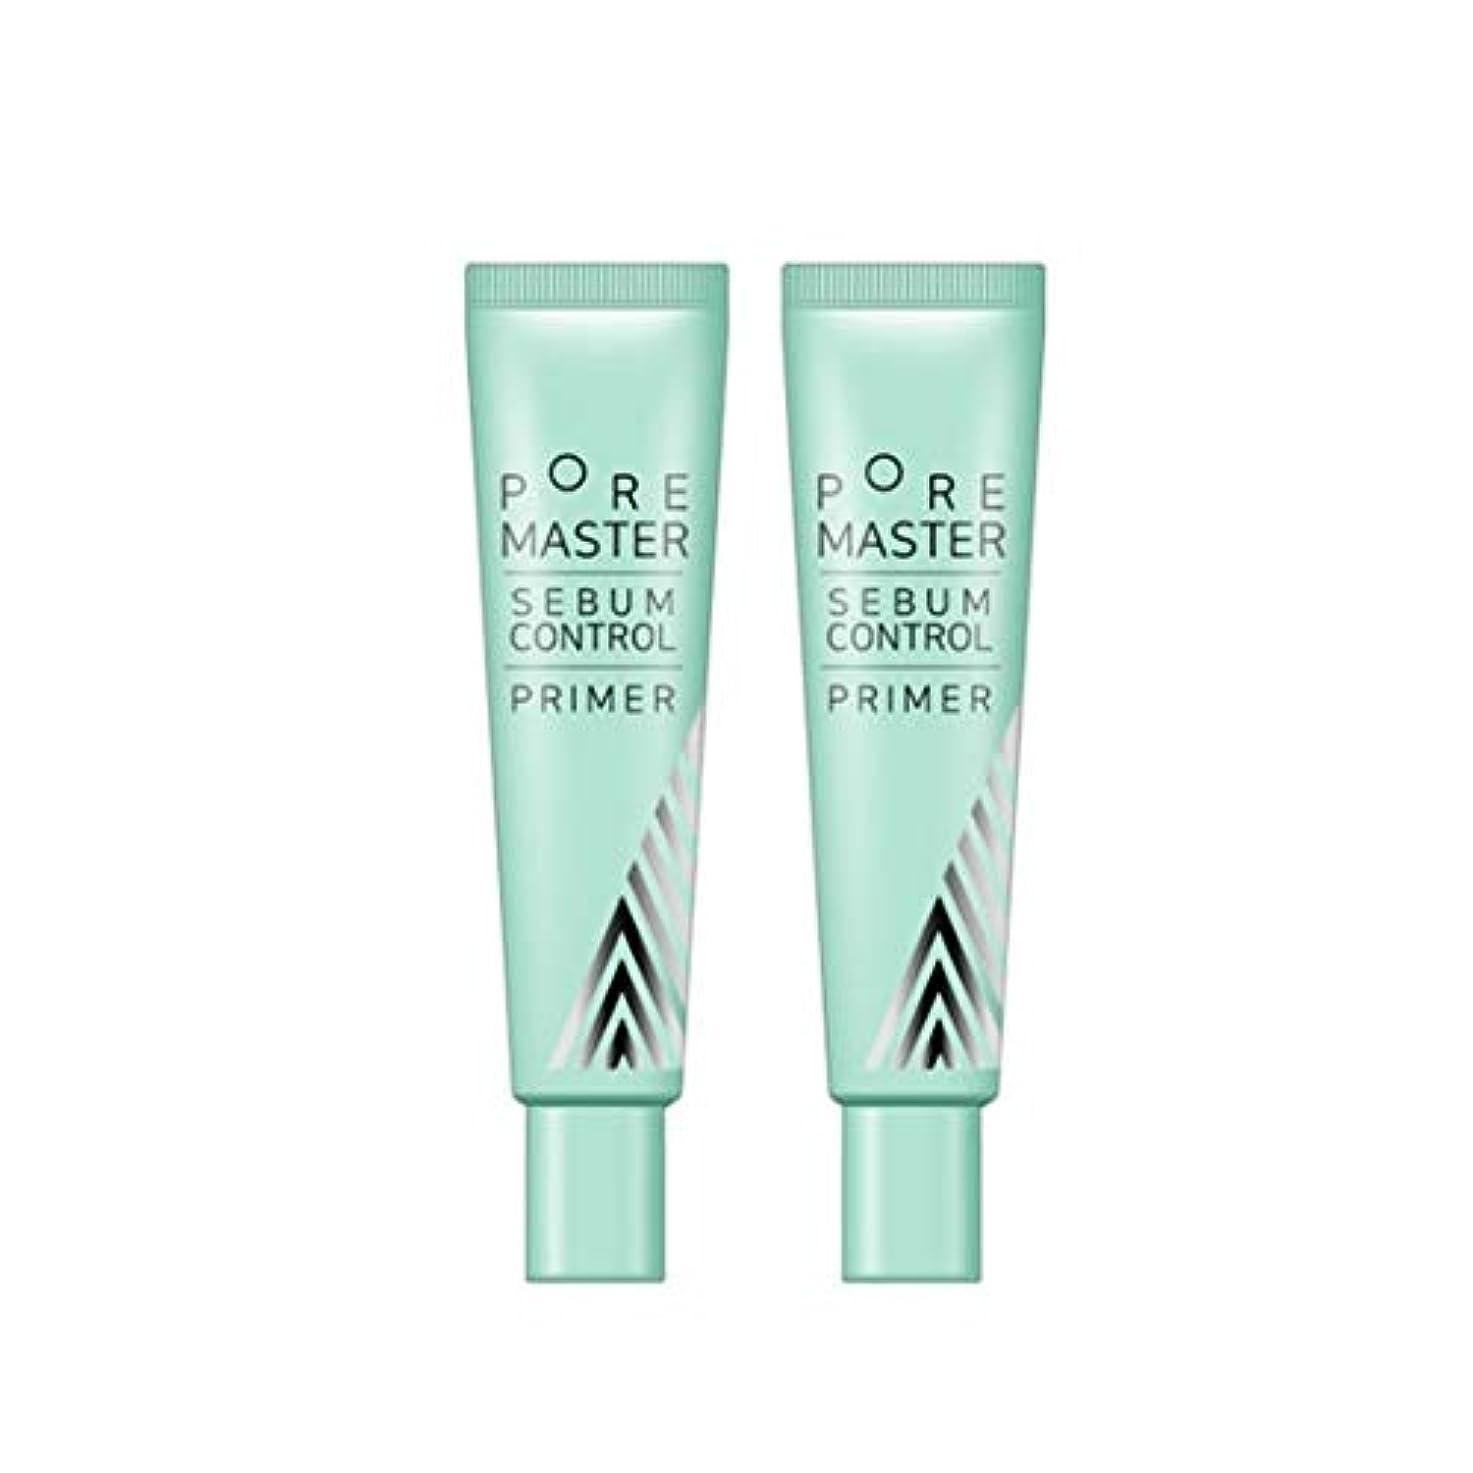 競う十二ケープアリタウムフォアマスター皮脂コントロールプライマー25ml x2本セット毛穴ケア韓国コスメ、Aritaum Pore Master Sebum Control Primer 25ml x 2ea Set Korean Cosmetics...